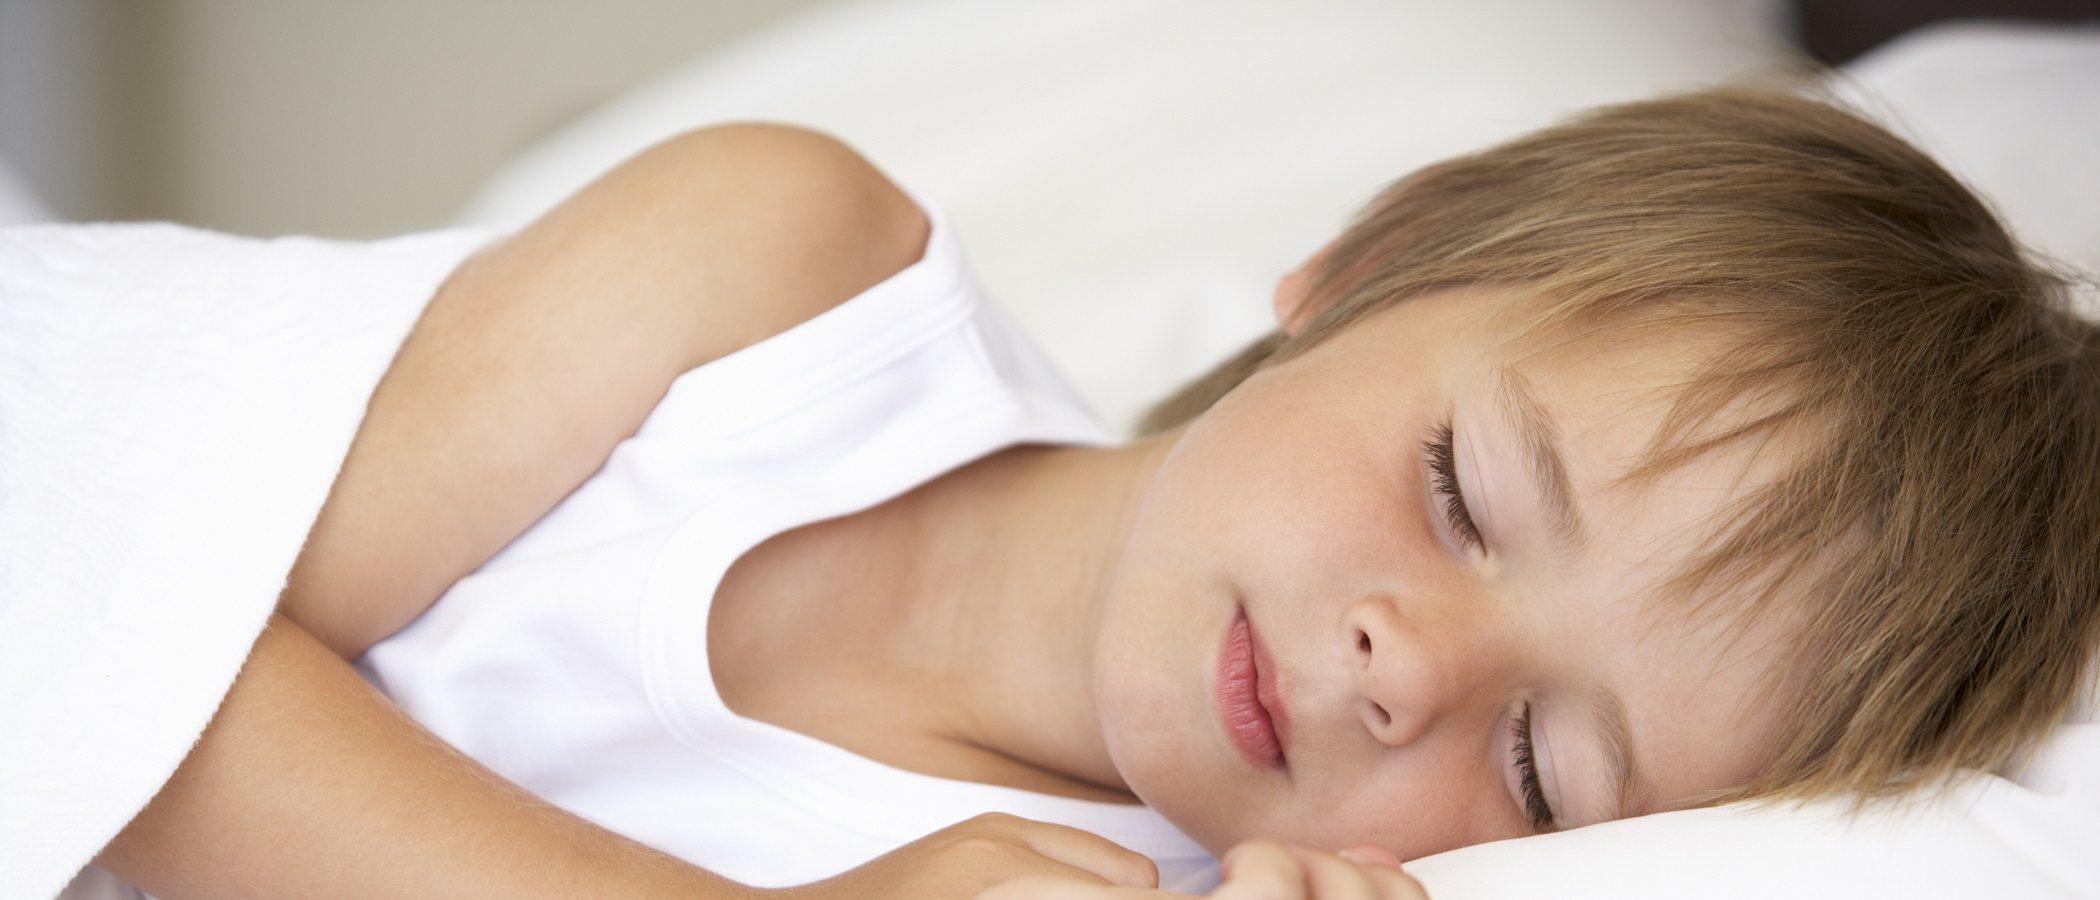 Remedios homeopáticos en niños pequeños para dormir mejor